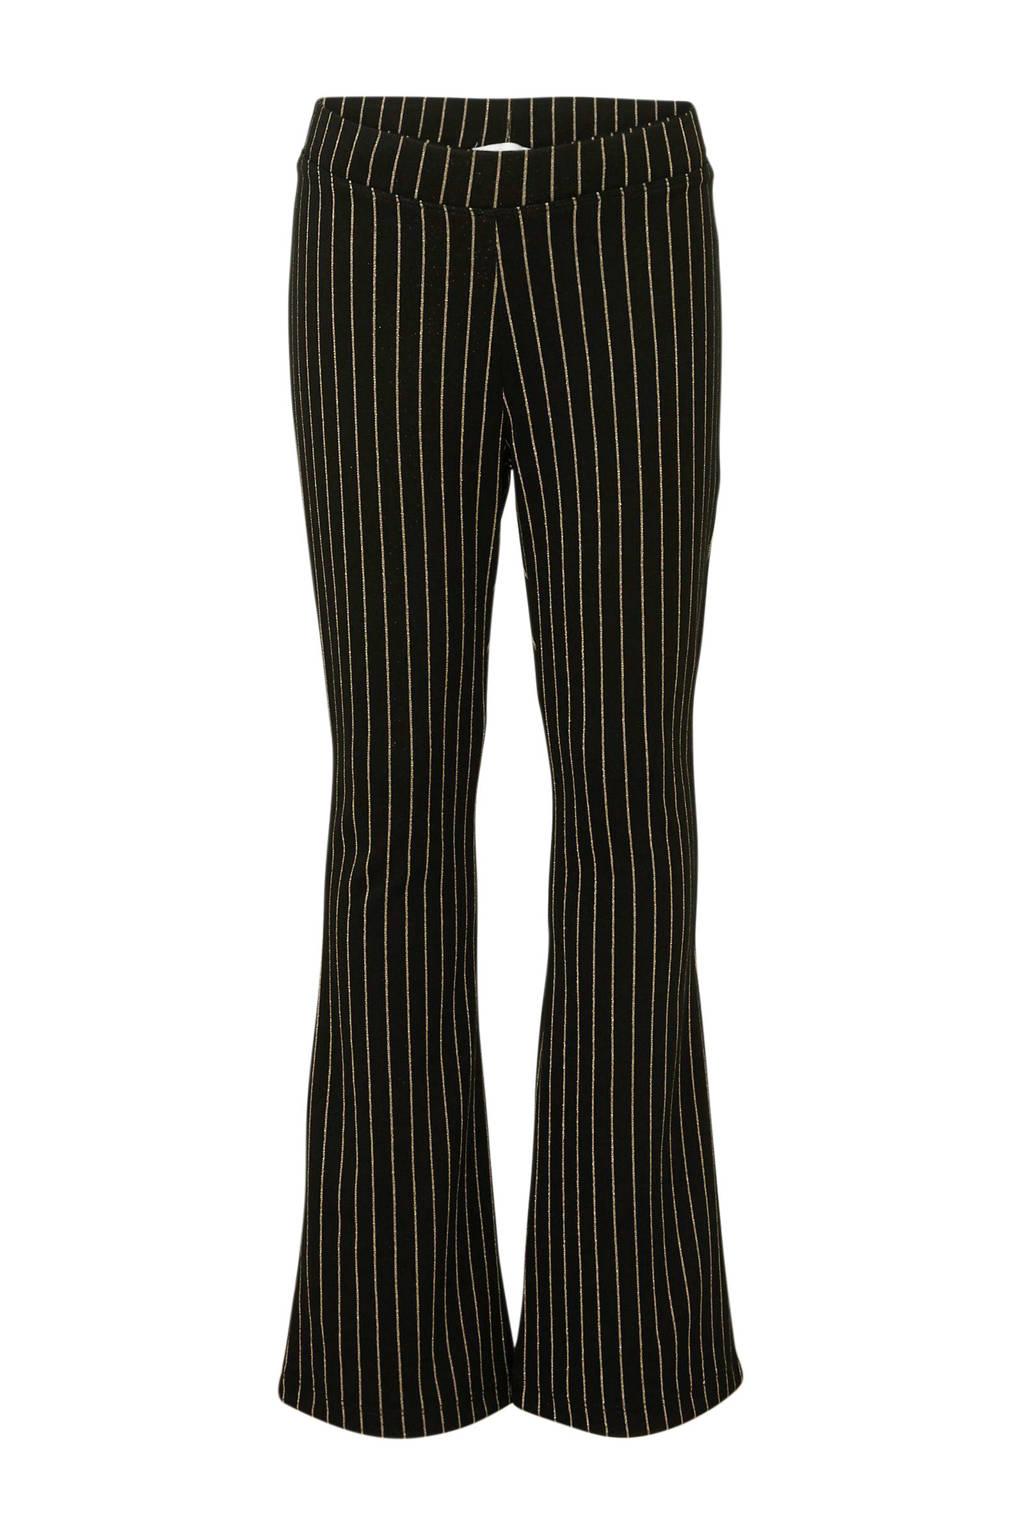 NAME IT KIDS gestreepte flared broek zwart/goud, Zwart/goud